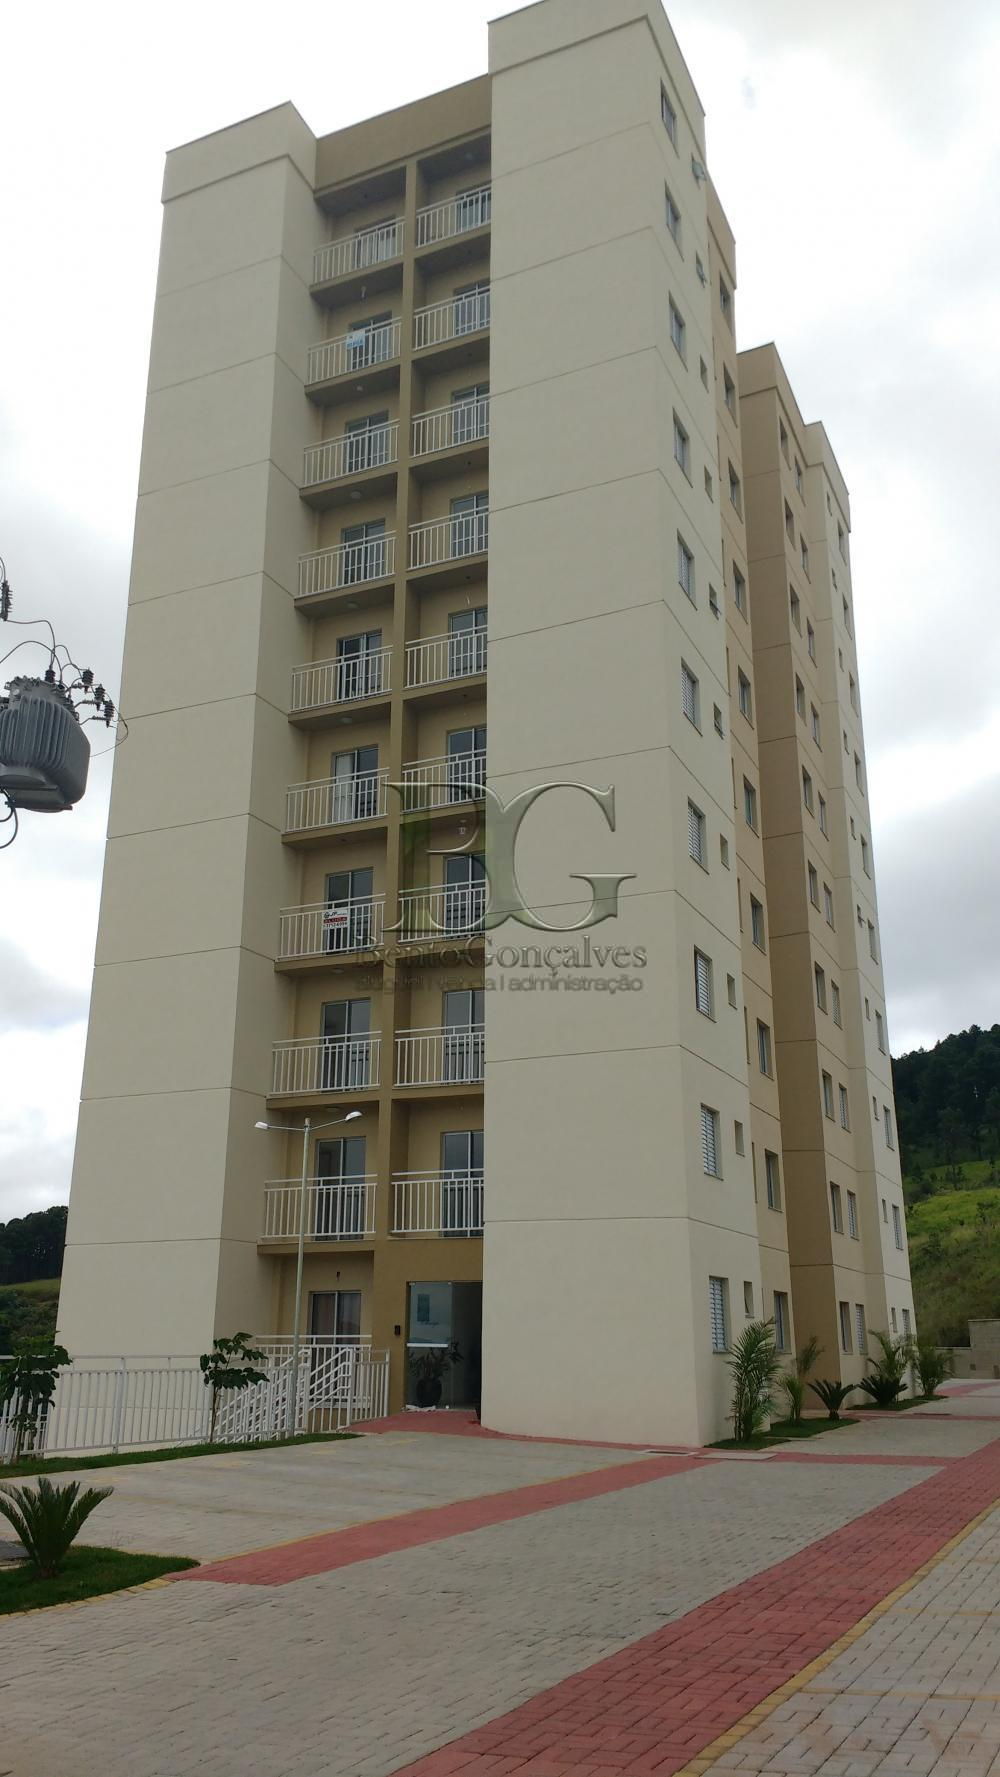 Comprar Apartamentos / Padrão em Poços de Caldas R$ 250.000,00 - Foto 1